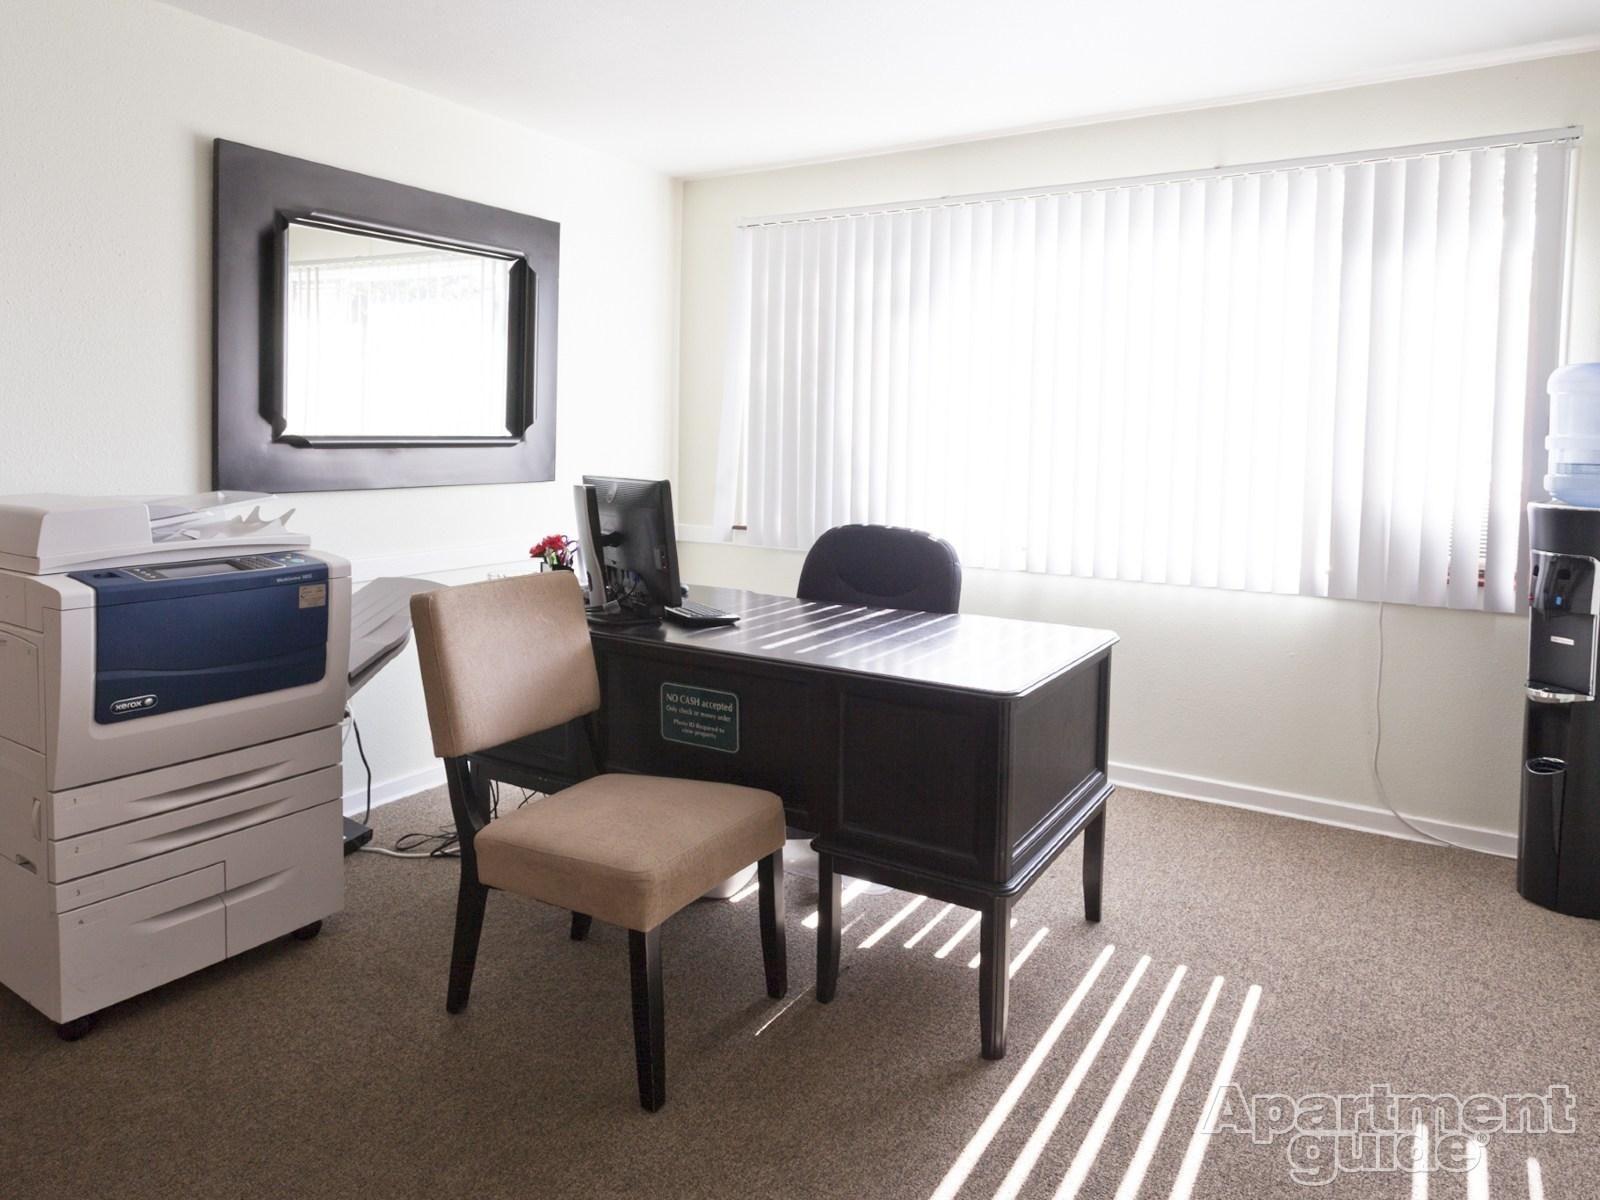 Palmer Park Apartments House, Home decor, Home